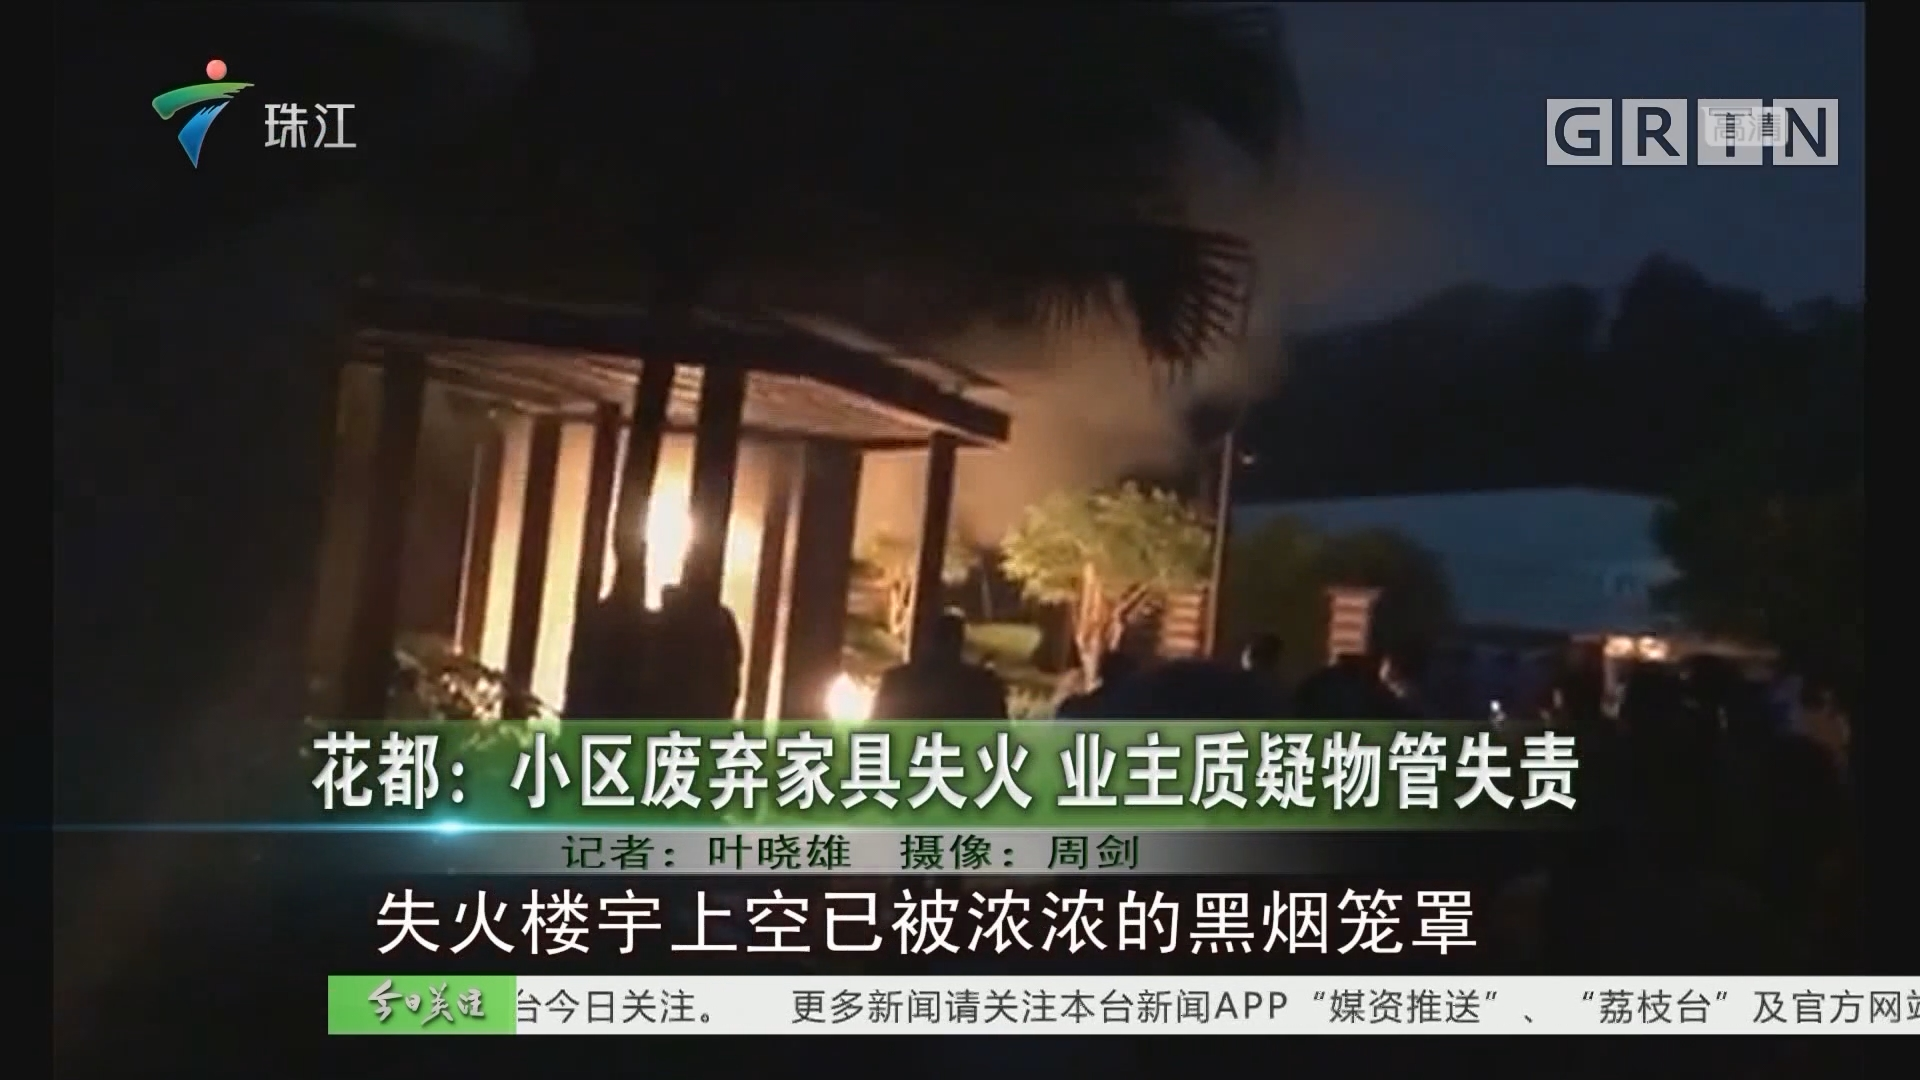 花都:小区废弃家具失火 业主质疑物管失责